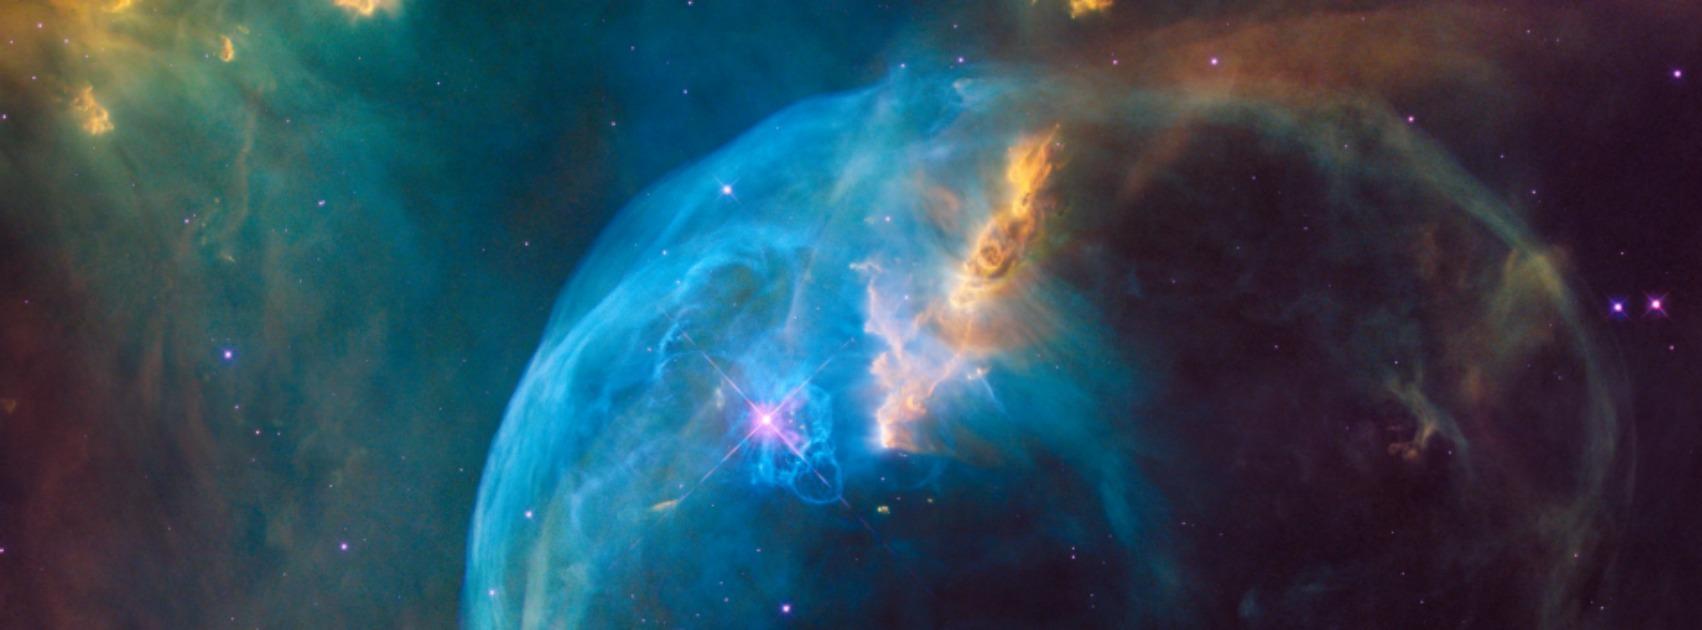 new balance nebula